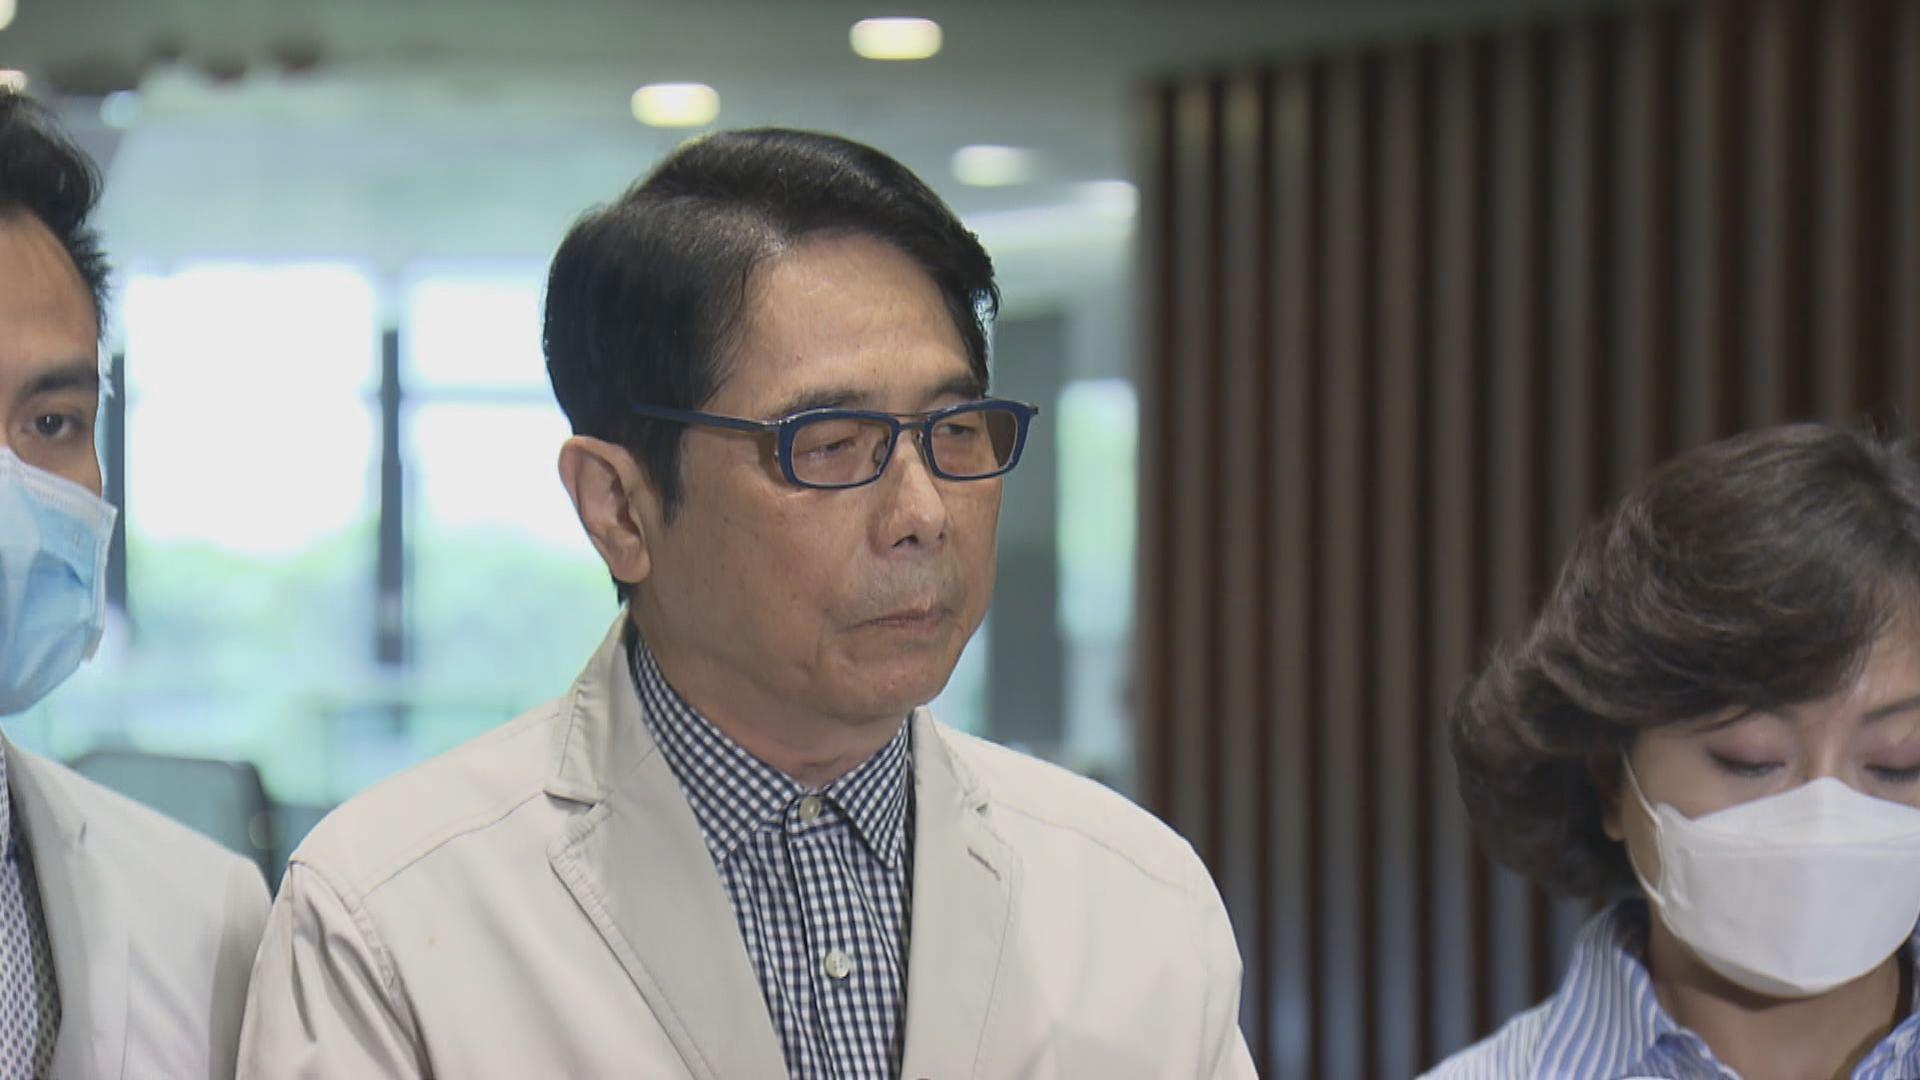 黃國健:對建立香港國安法感欣慰 可避免衝擊社會